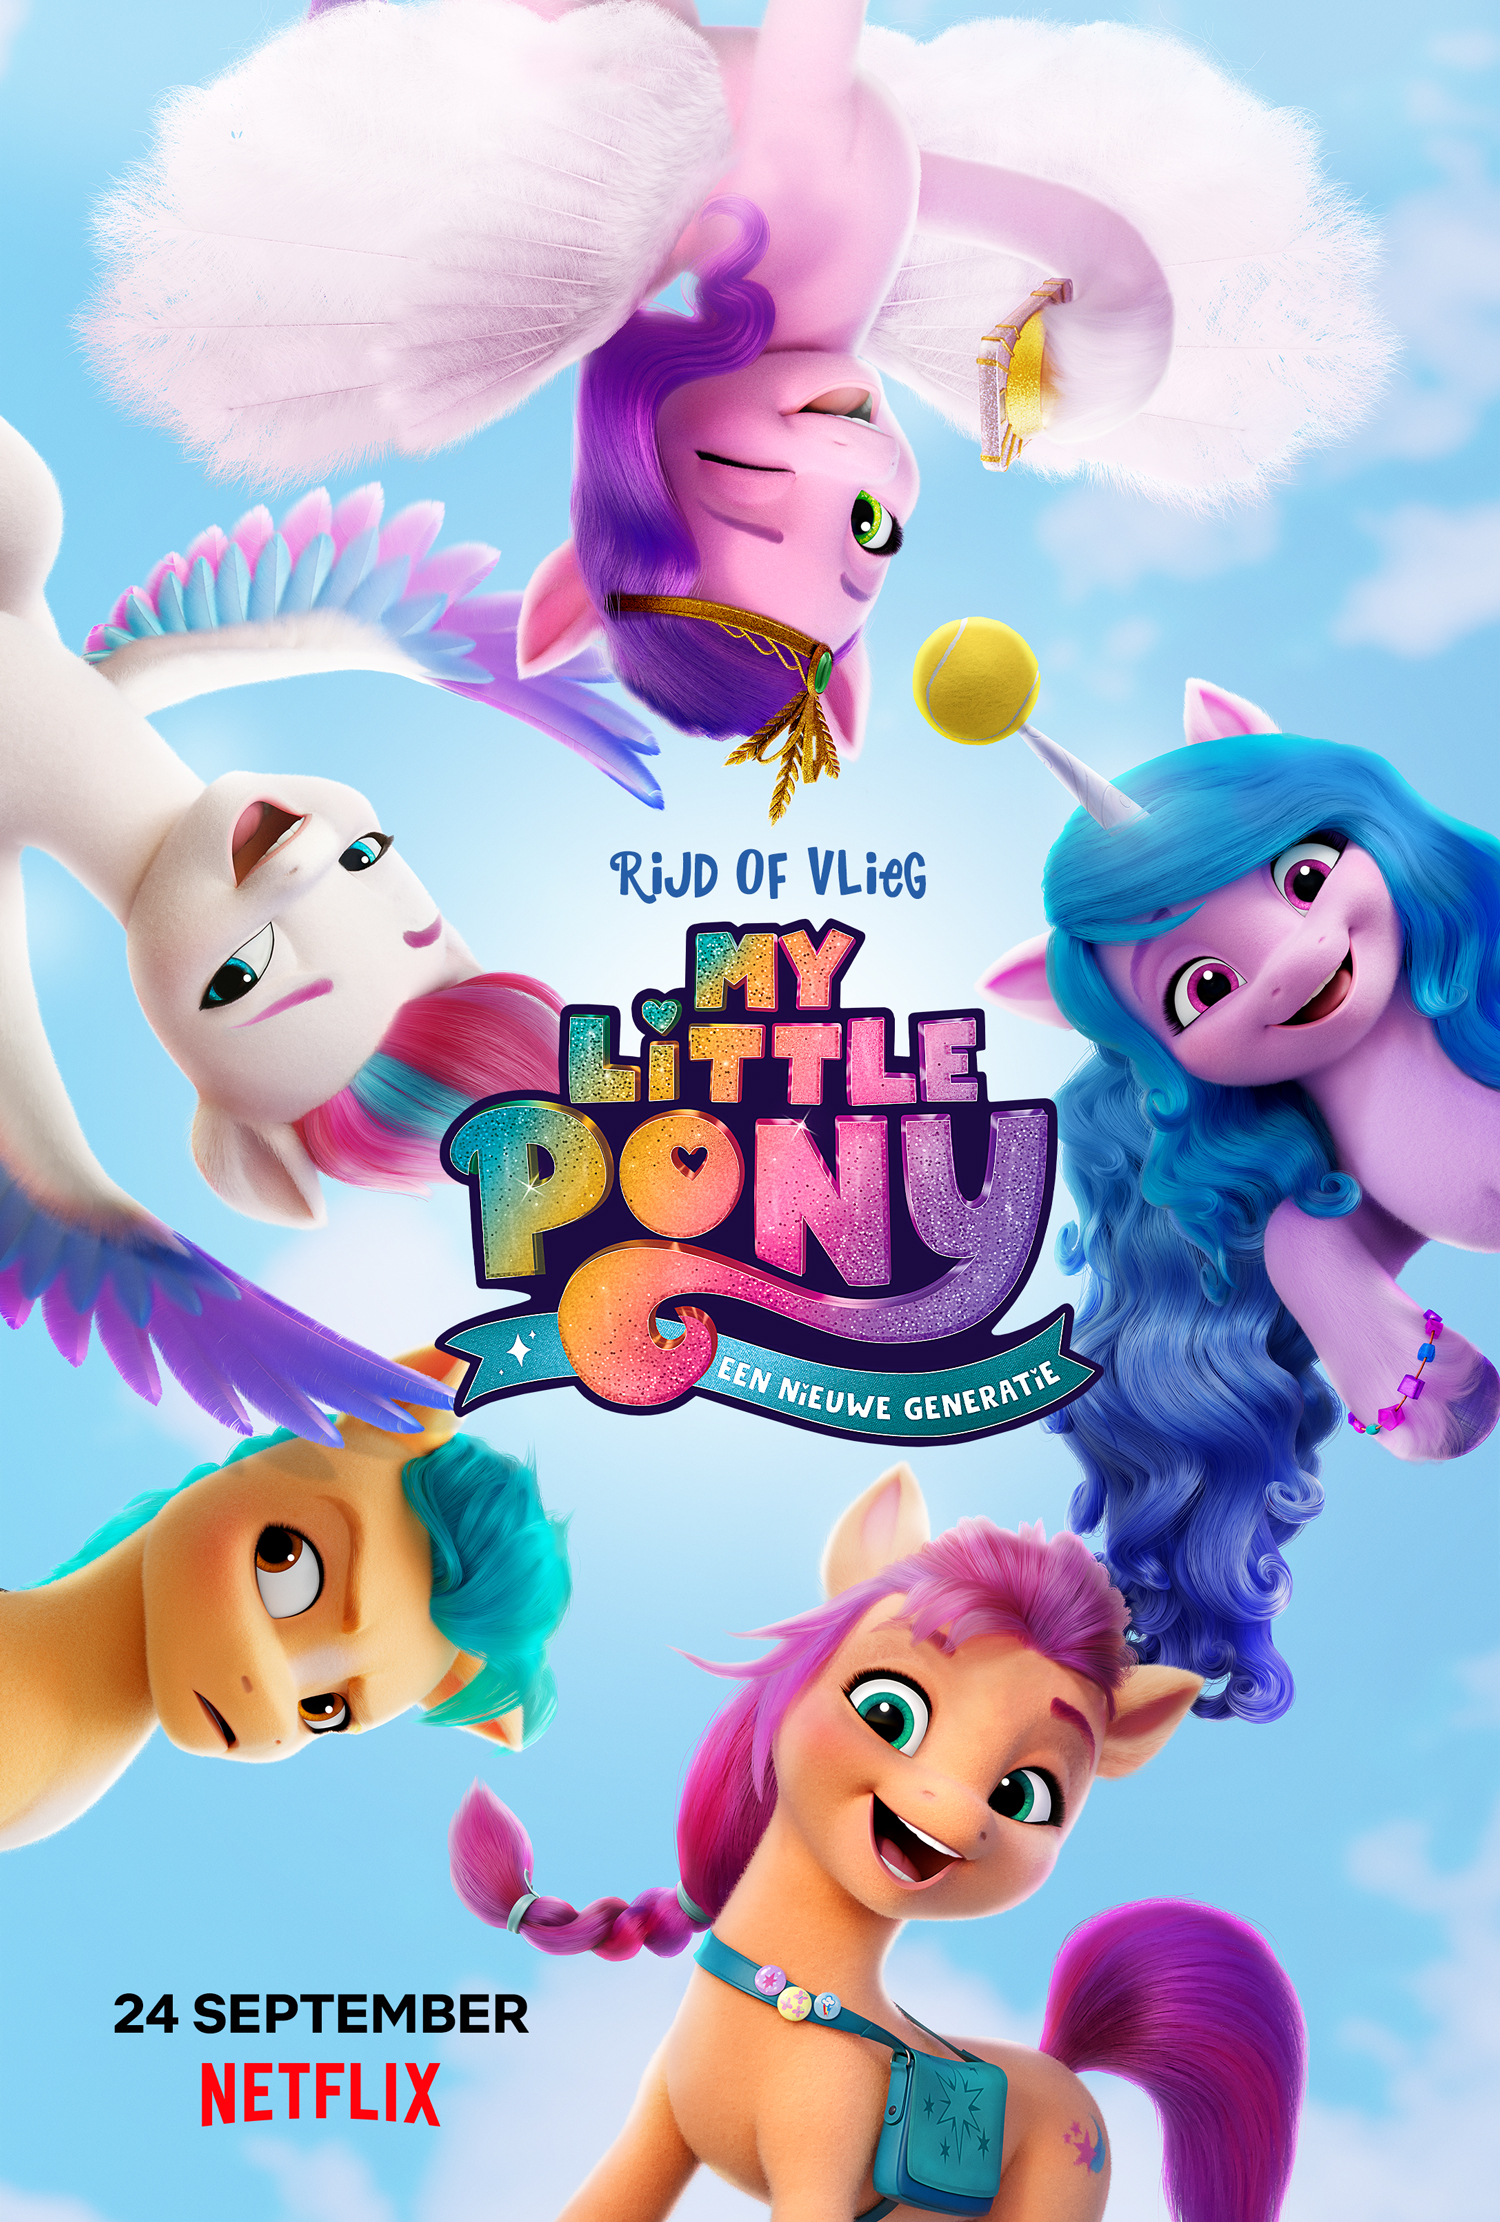 my little pony een nieuwe generatie Netflix